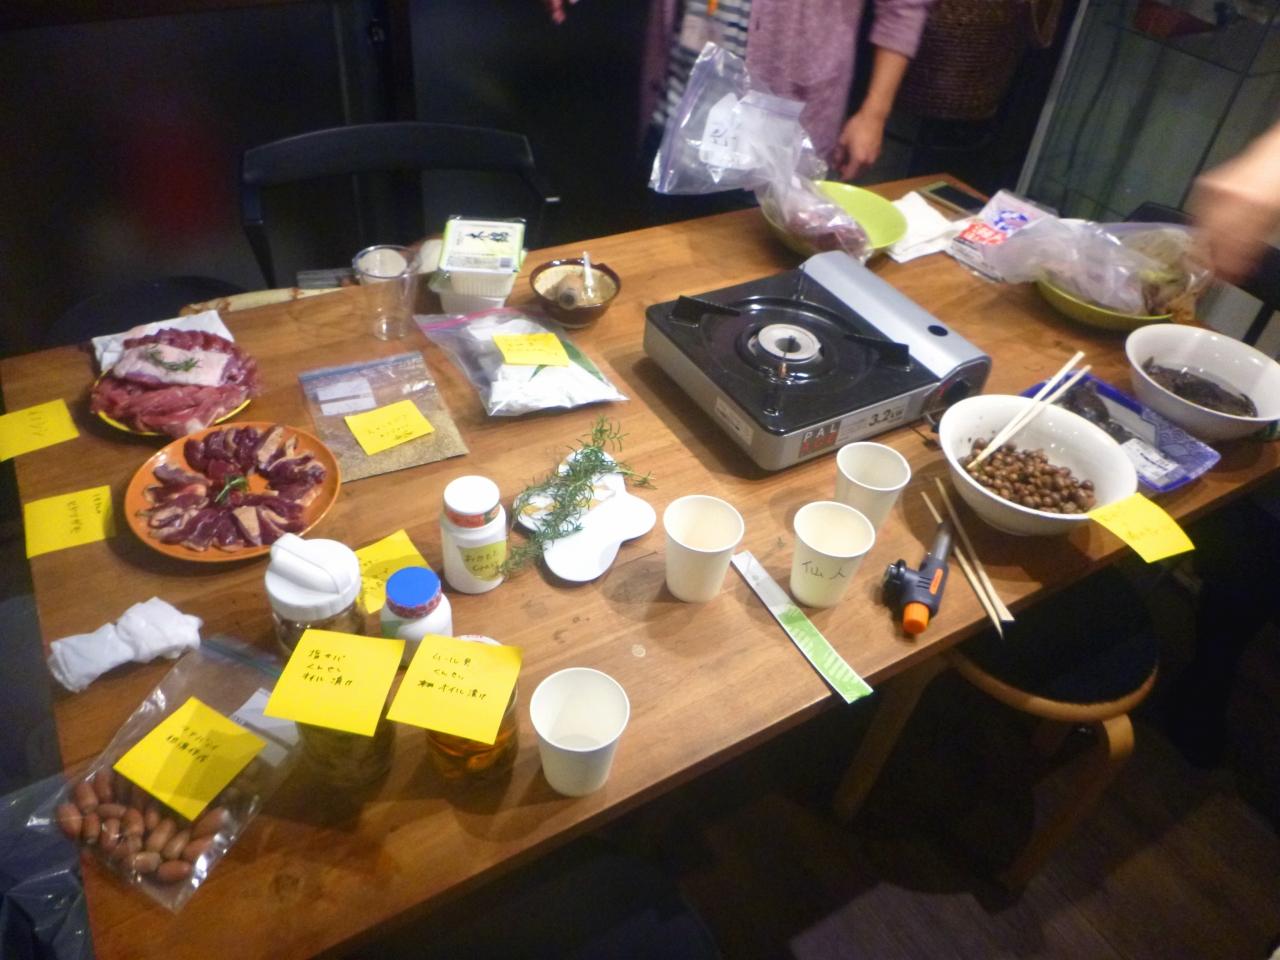 とって食べる会 野肉会@駒沢大学 猟期おつかれさま編